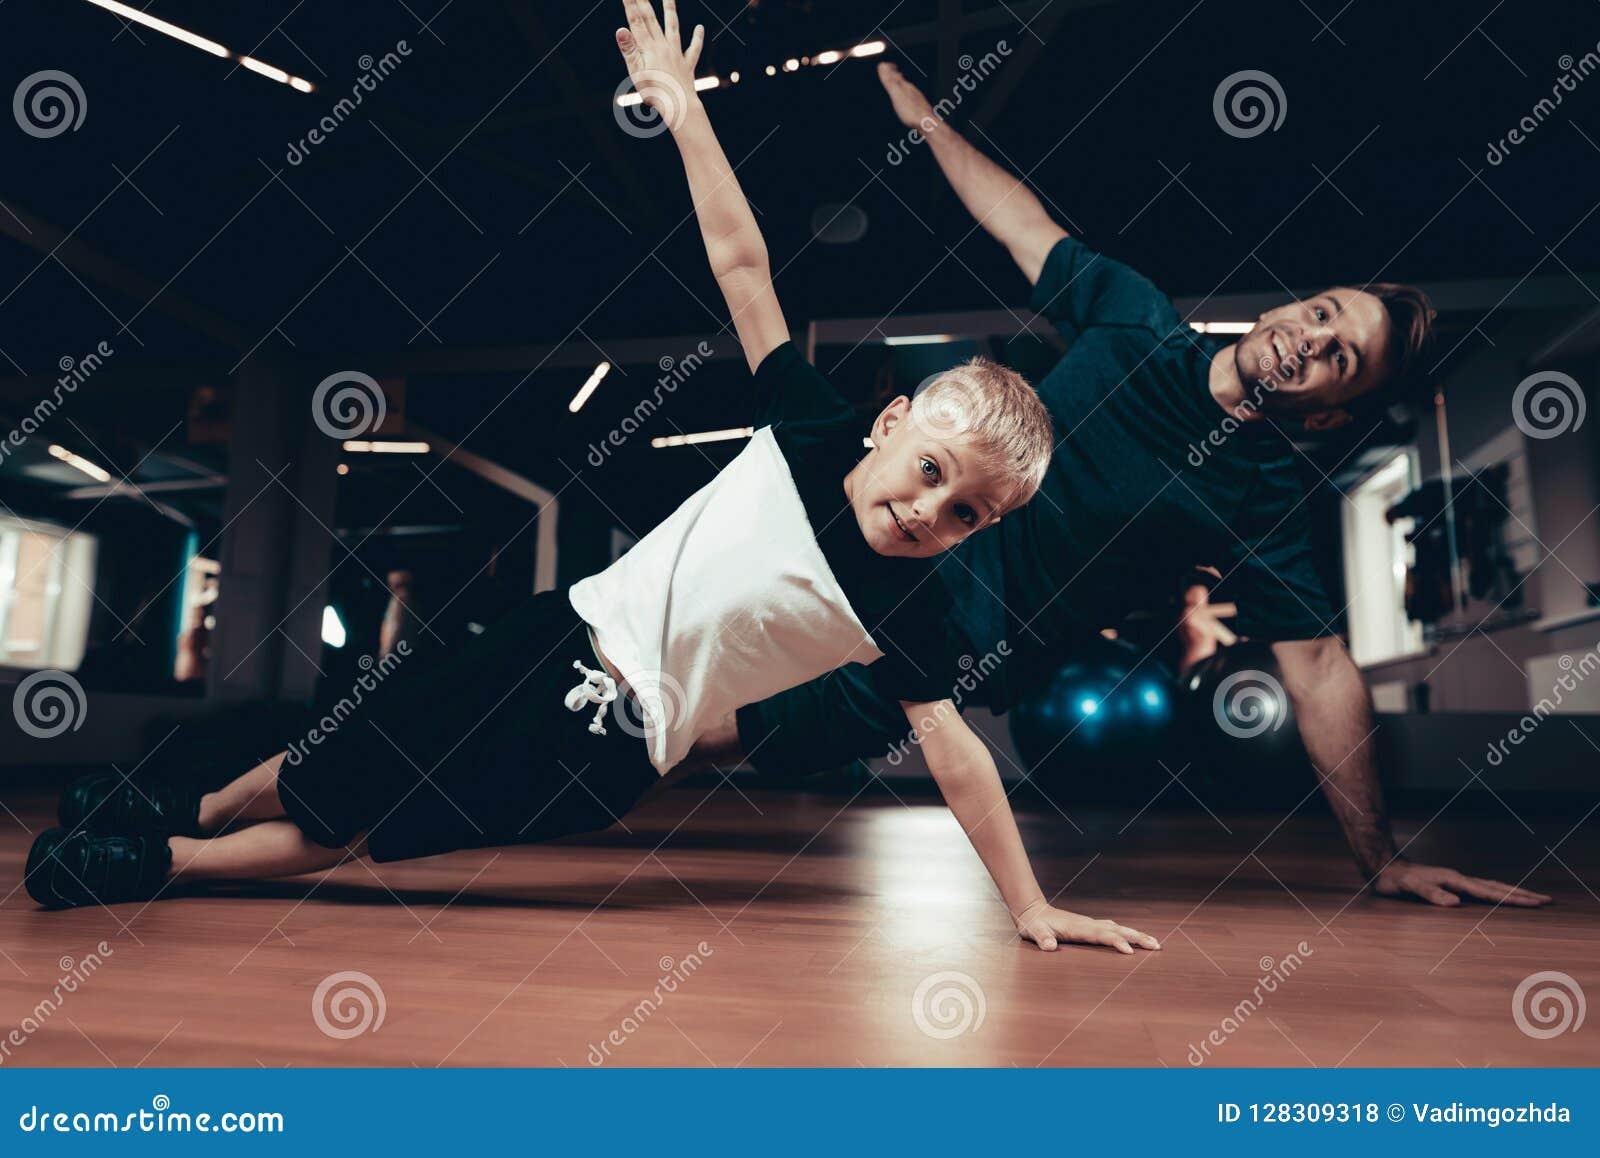 Πατέρας και γιος που κάνουν τις ασκήσεις Τύπου στη γυμναστική